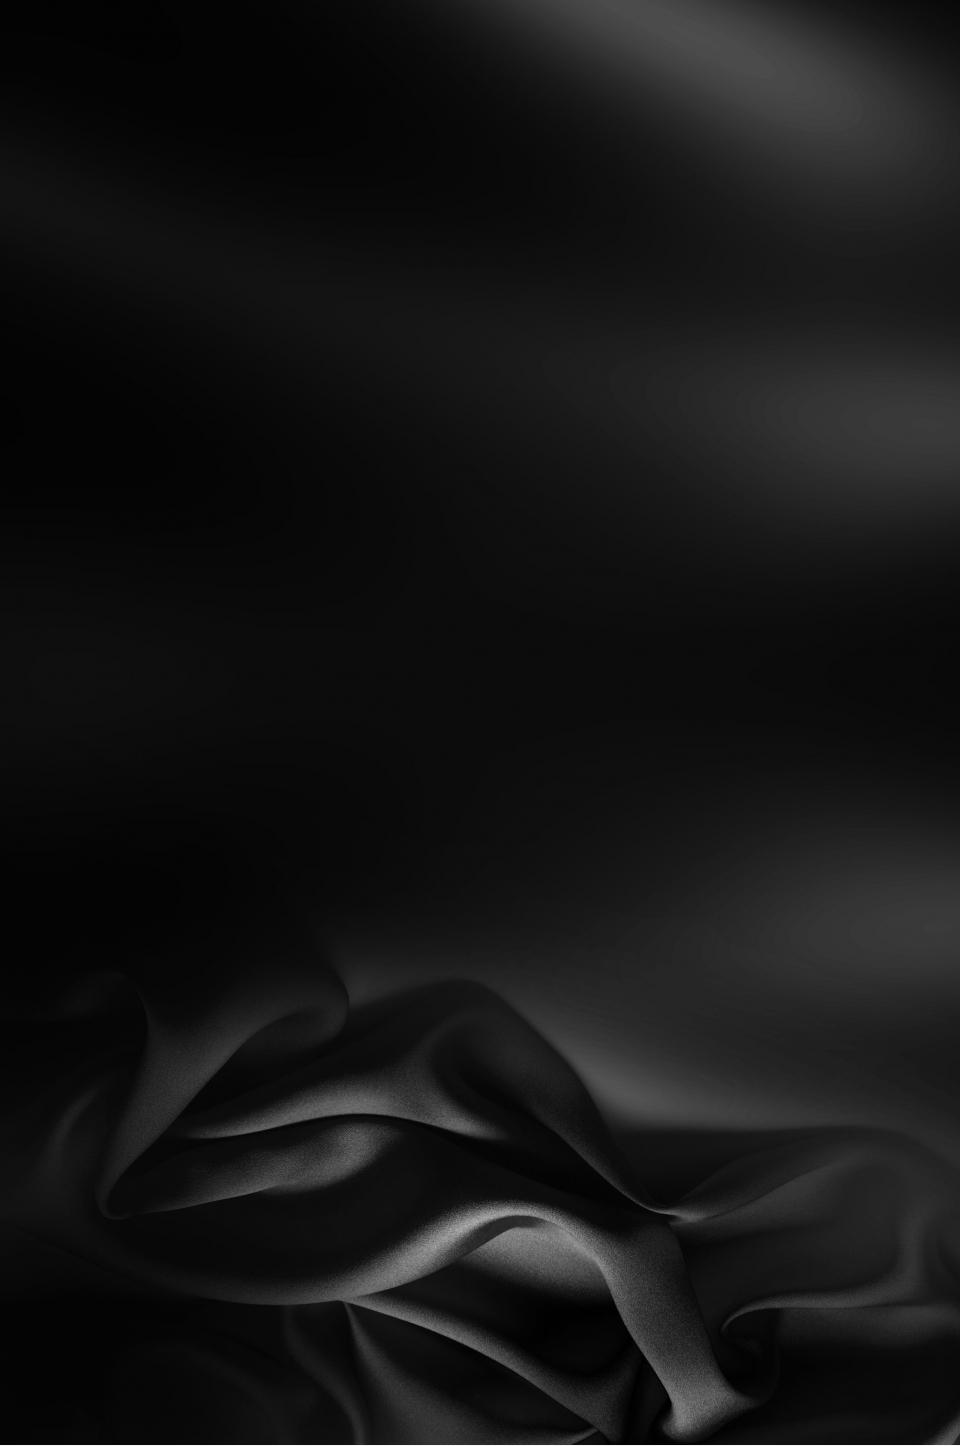 Background đen đơn giản nhất